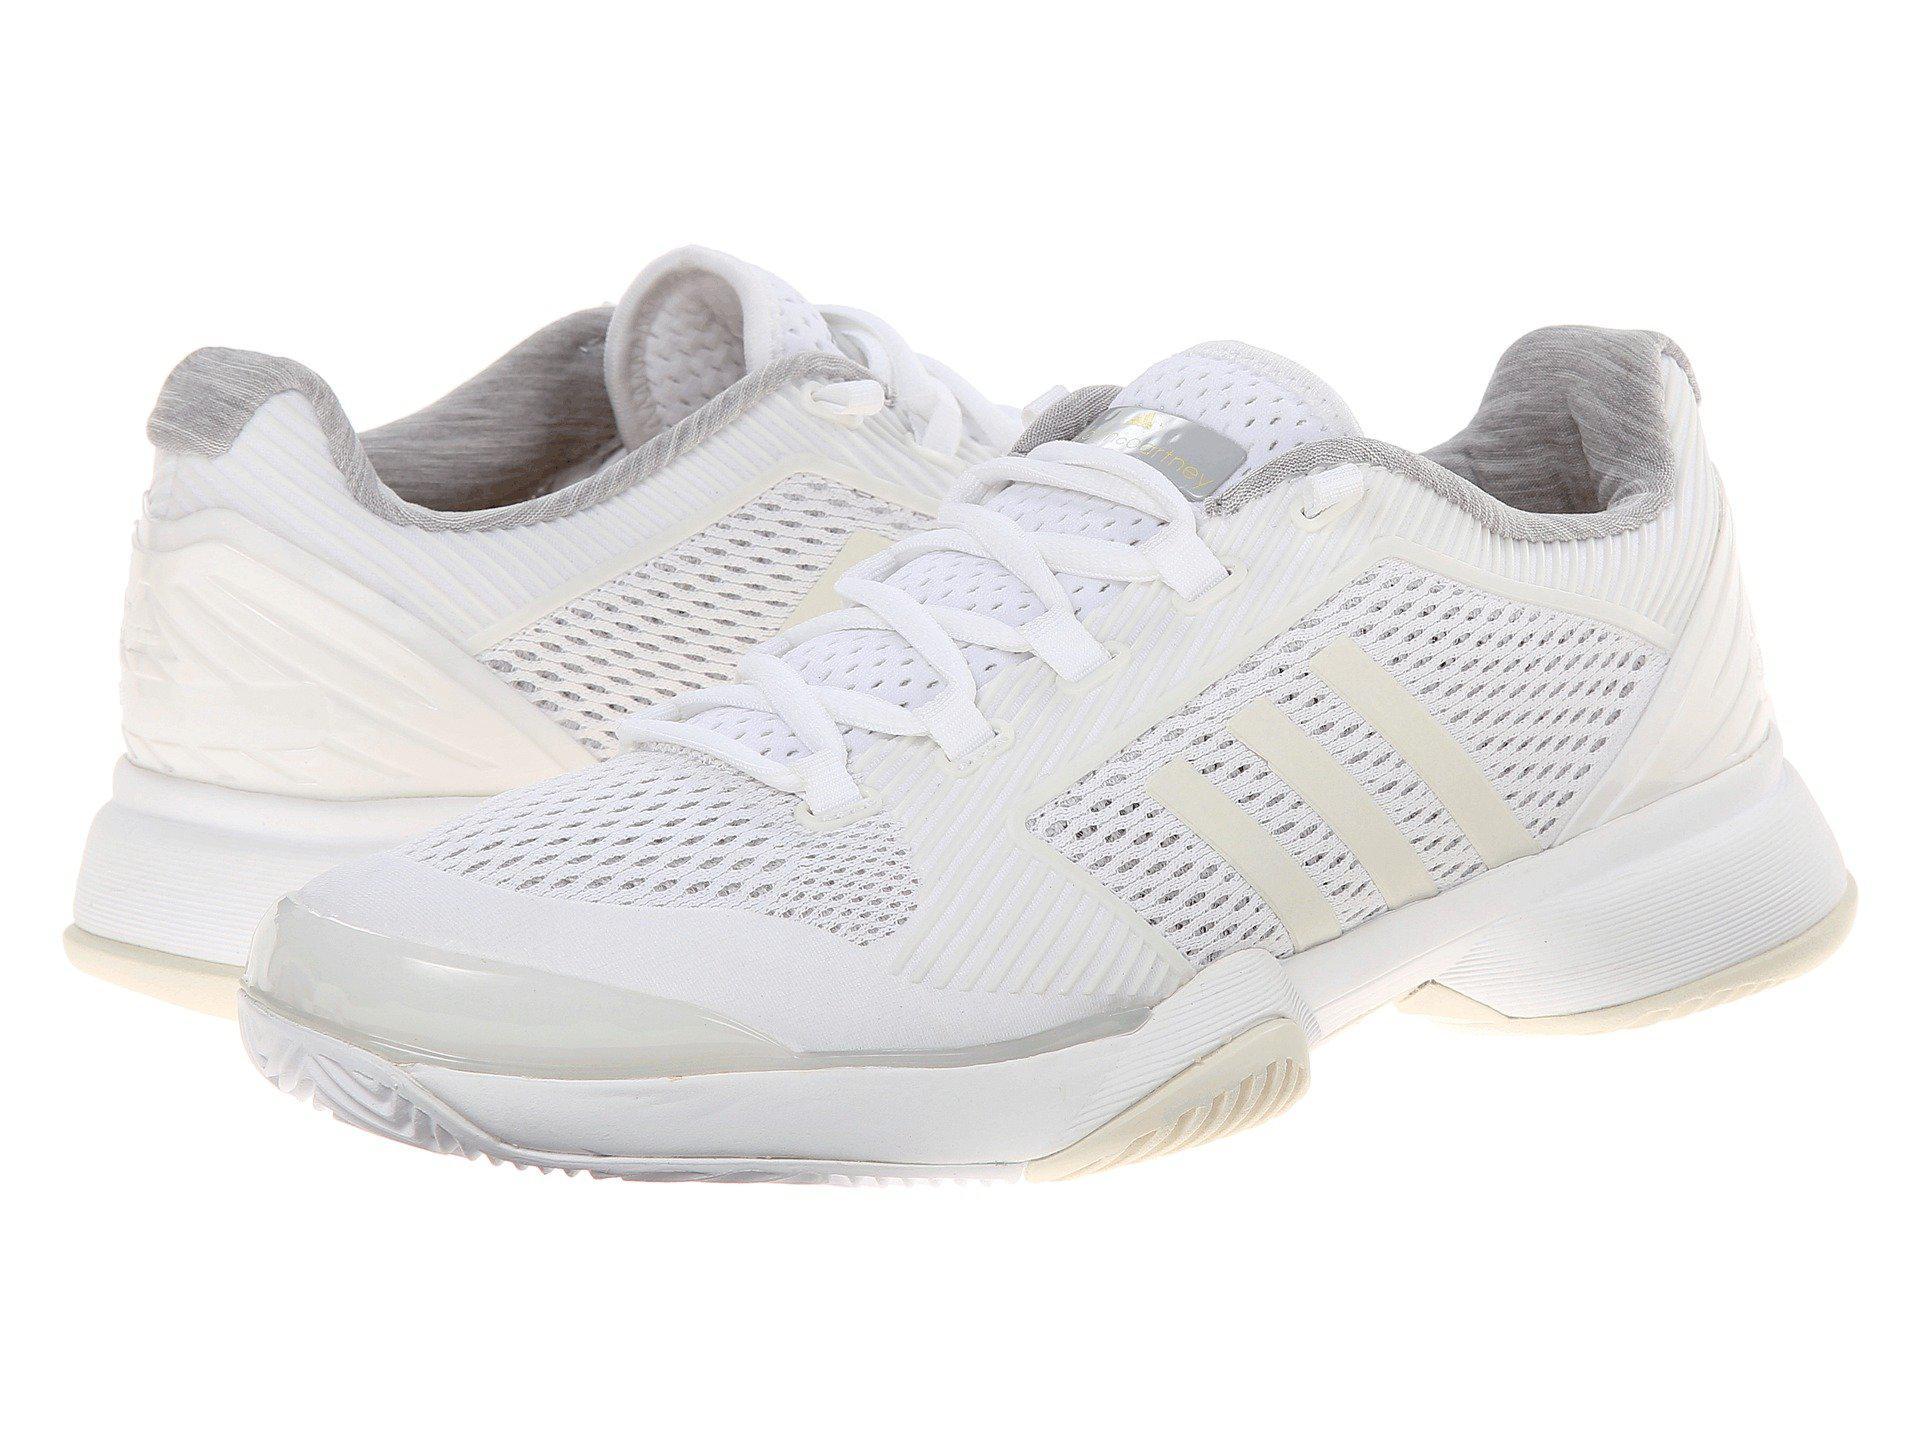 Lyst adidas, stella mccartney barricata 2015 in bianco.